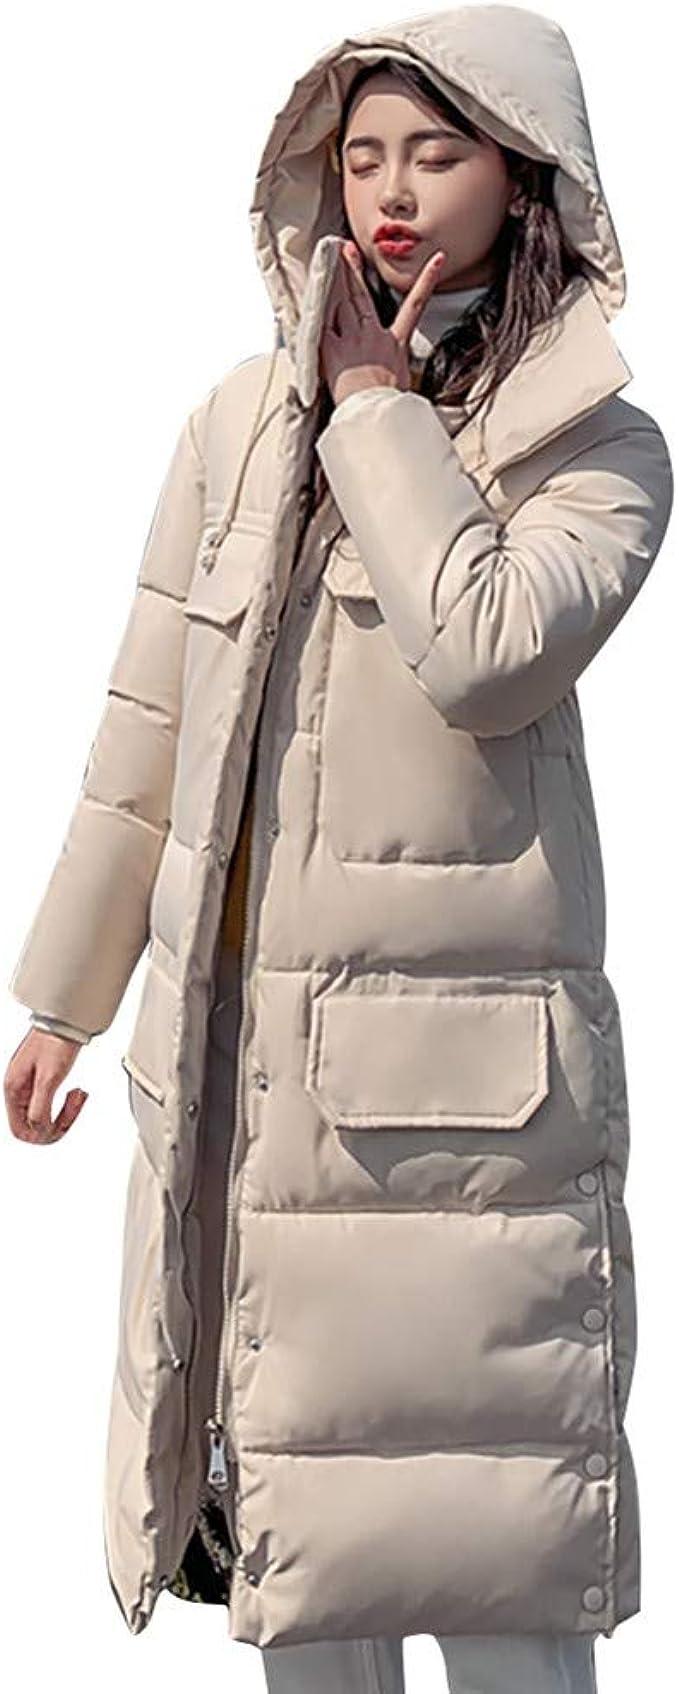 sous Doudoune Fine Femme Col en Peluche Chaude Pas Cher POPLY Doudoune Longue Femme Rouge Down Jacket Hooded Warm Manteaux Hiver Femme Outwear Veste Longue Down Coat for Women Capuche Coton Blouson